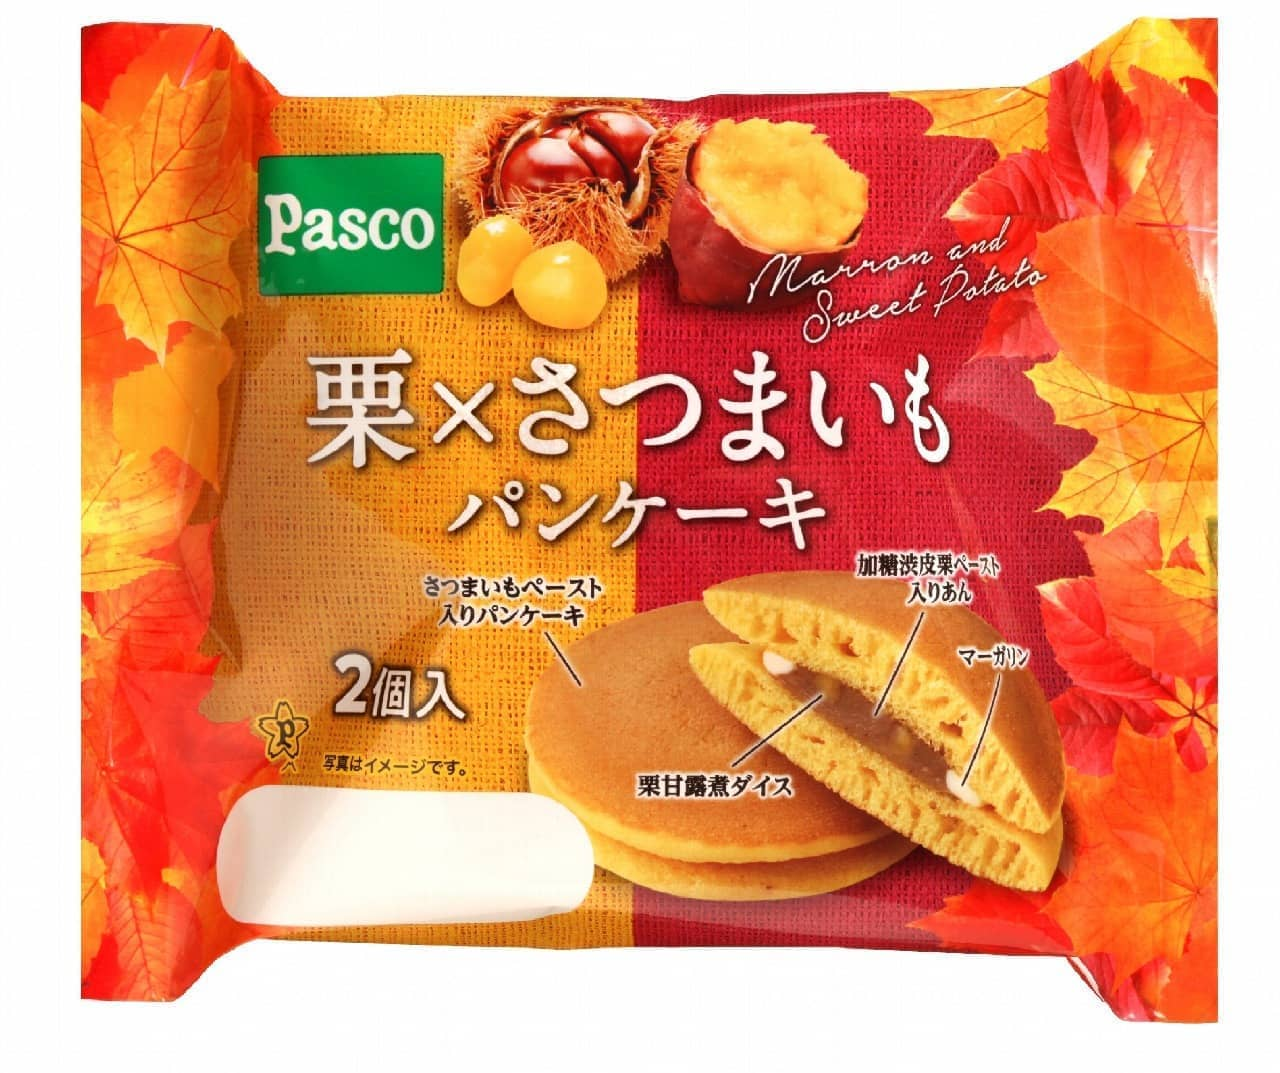 パスコ「栗×さつまいも パンケーキ 2個入」